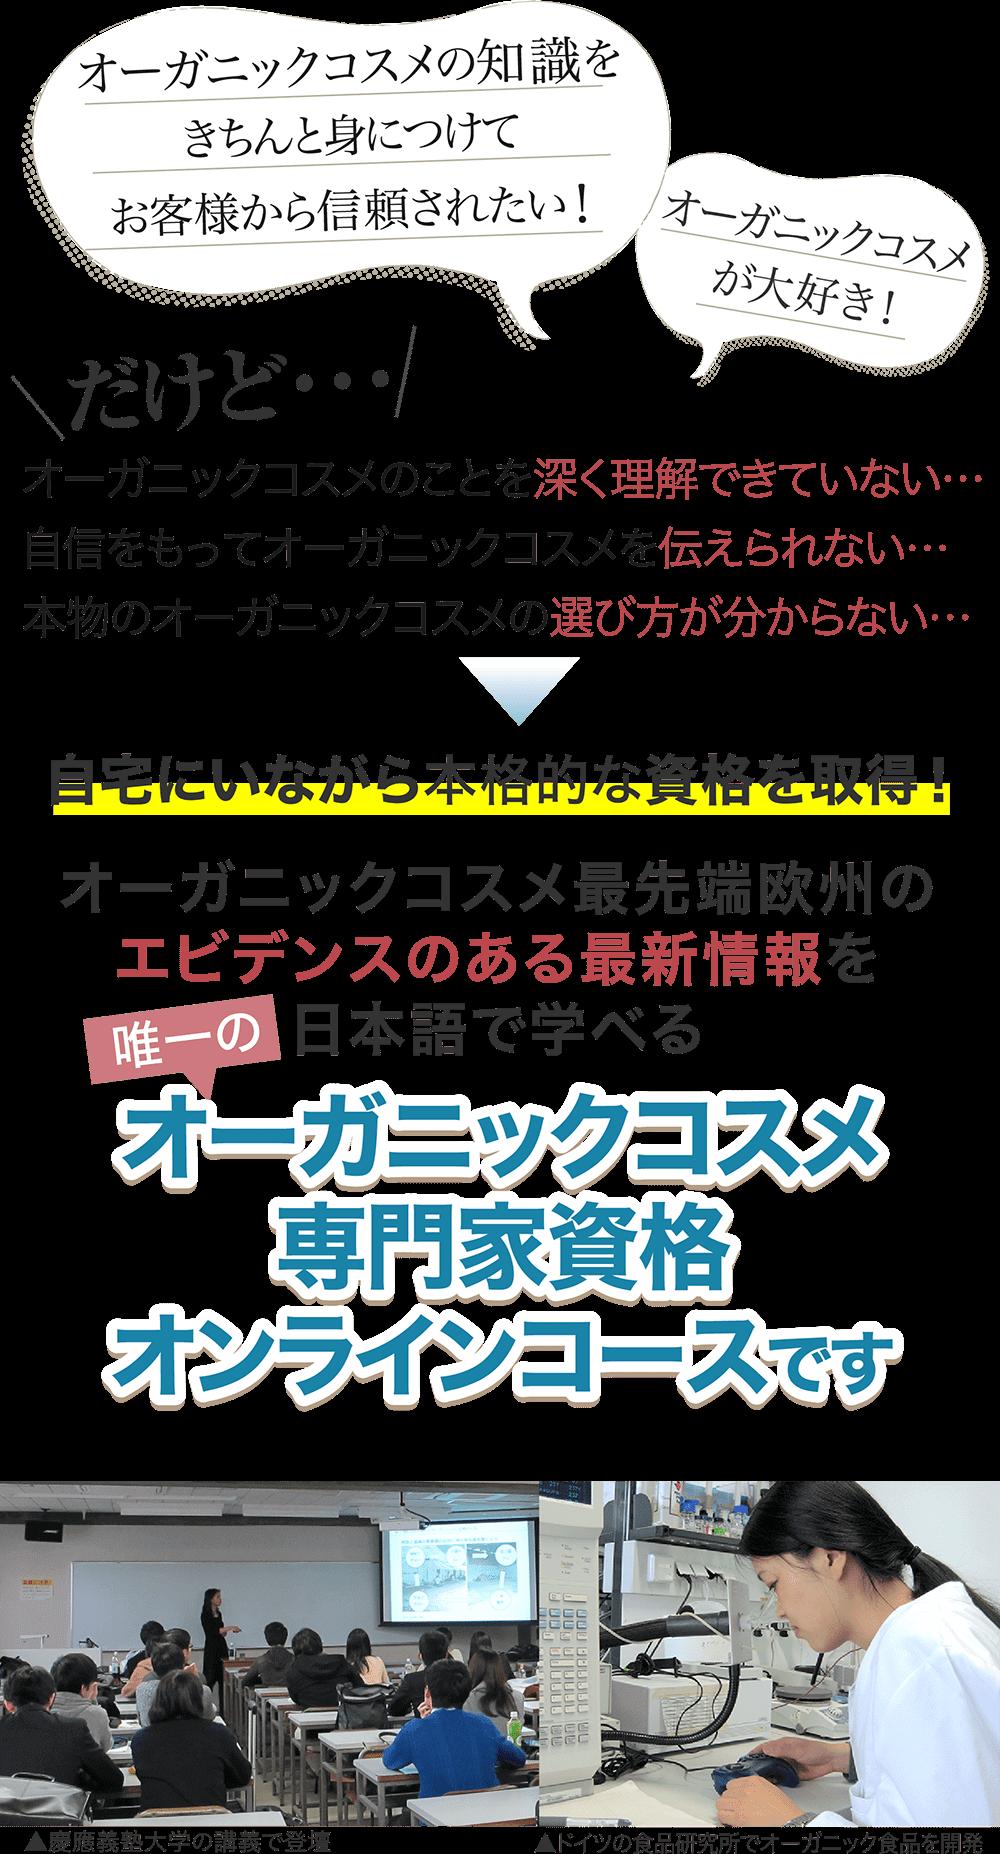 オーガニックコスメ最先端欧州のエビデンスのある最新情報を日本語で学べるオーガニックコスメ専門家資格オンラインコースです